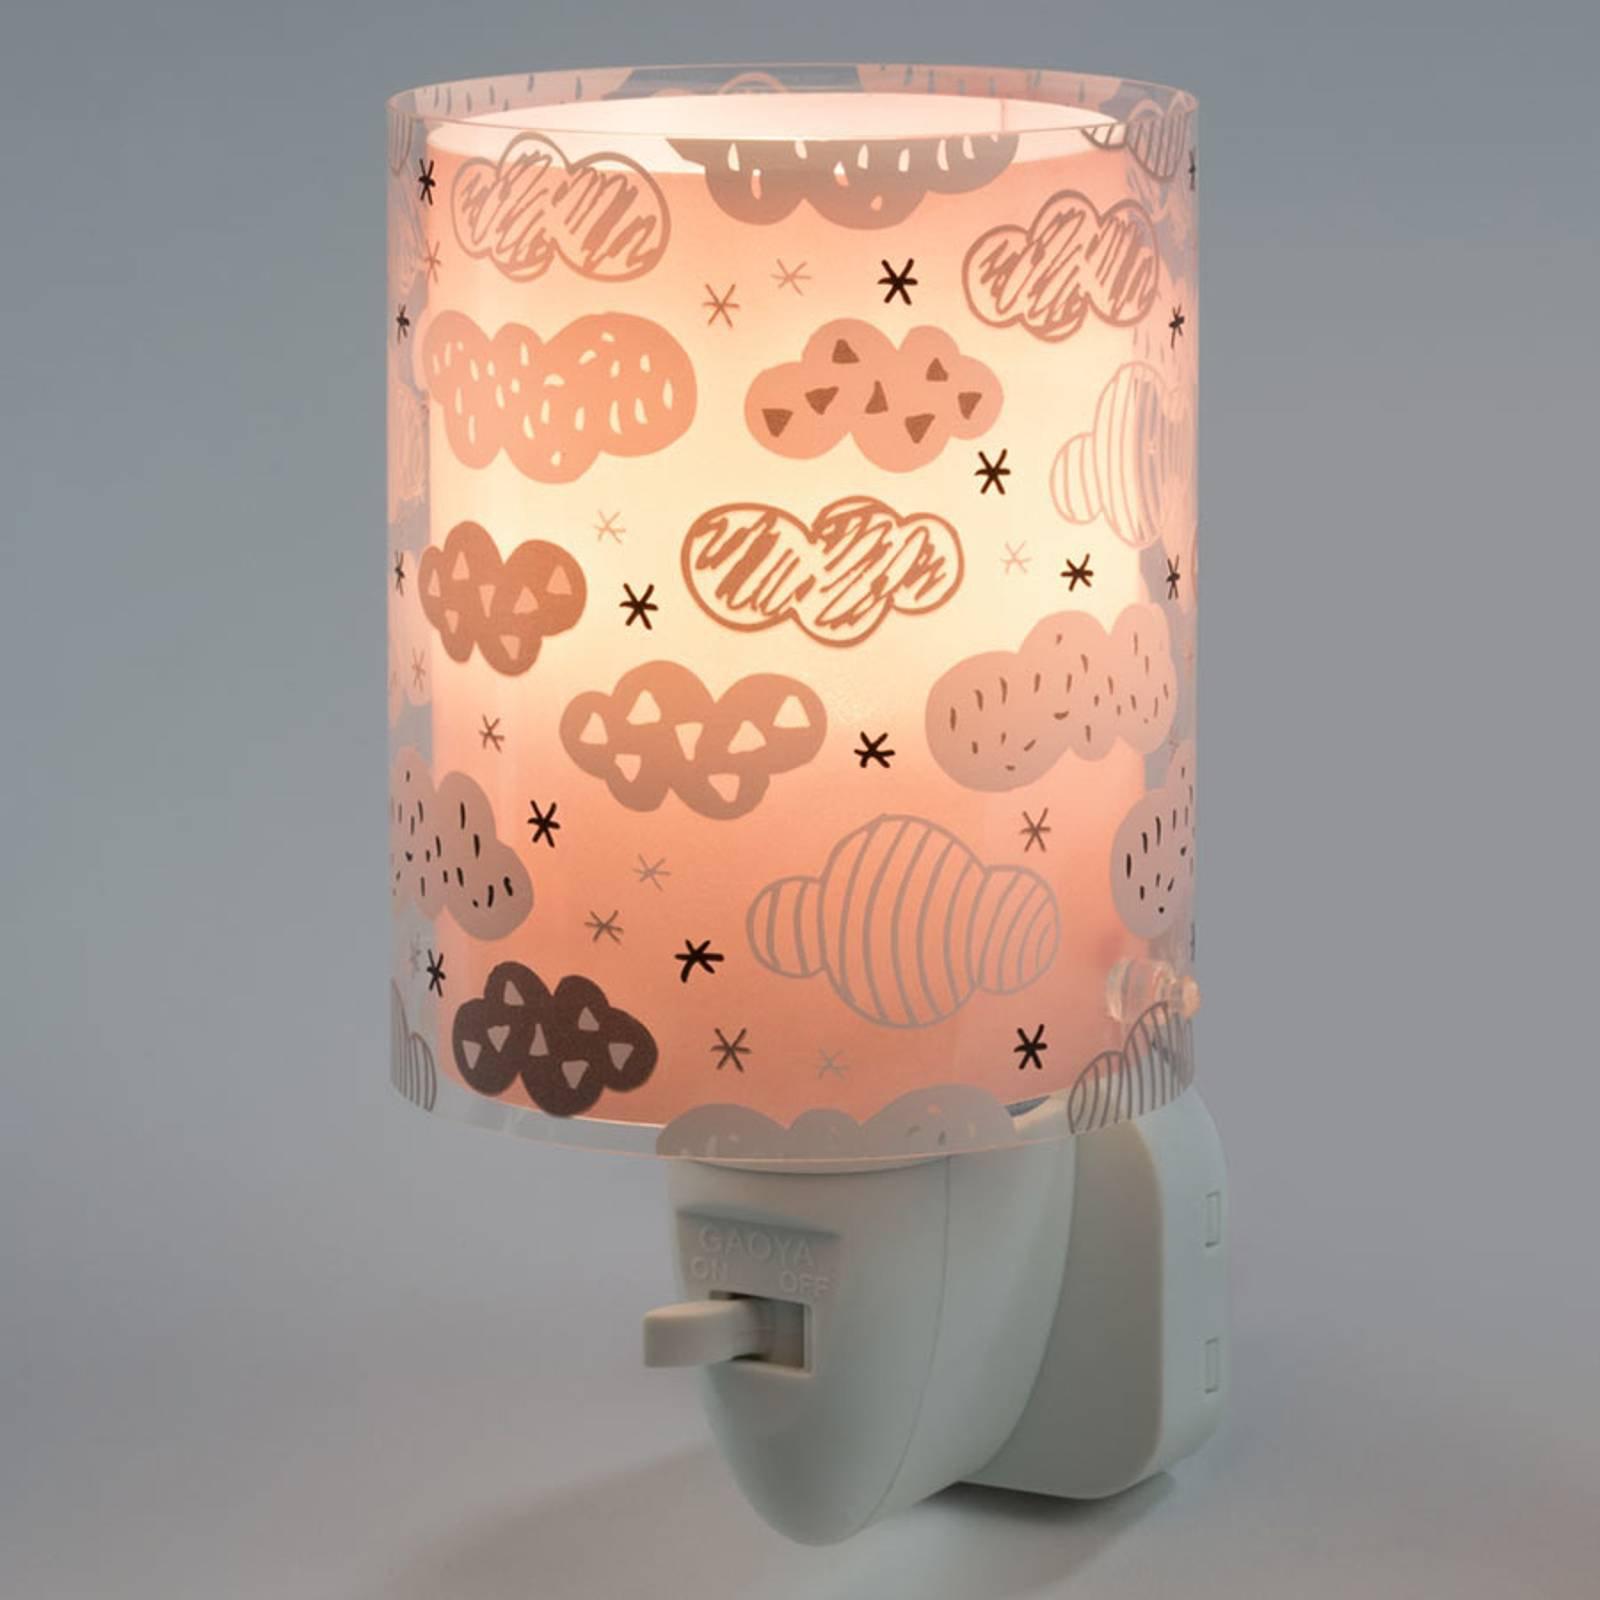 LED-nattlys Clouds med bryter, rosa